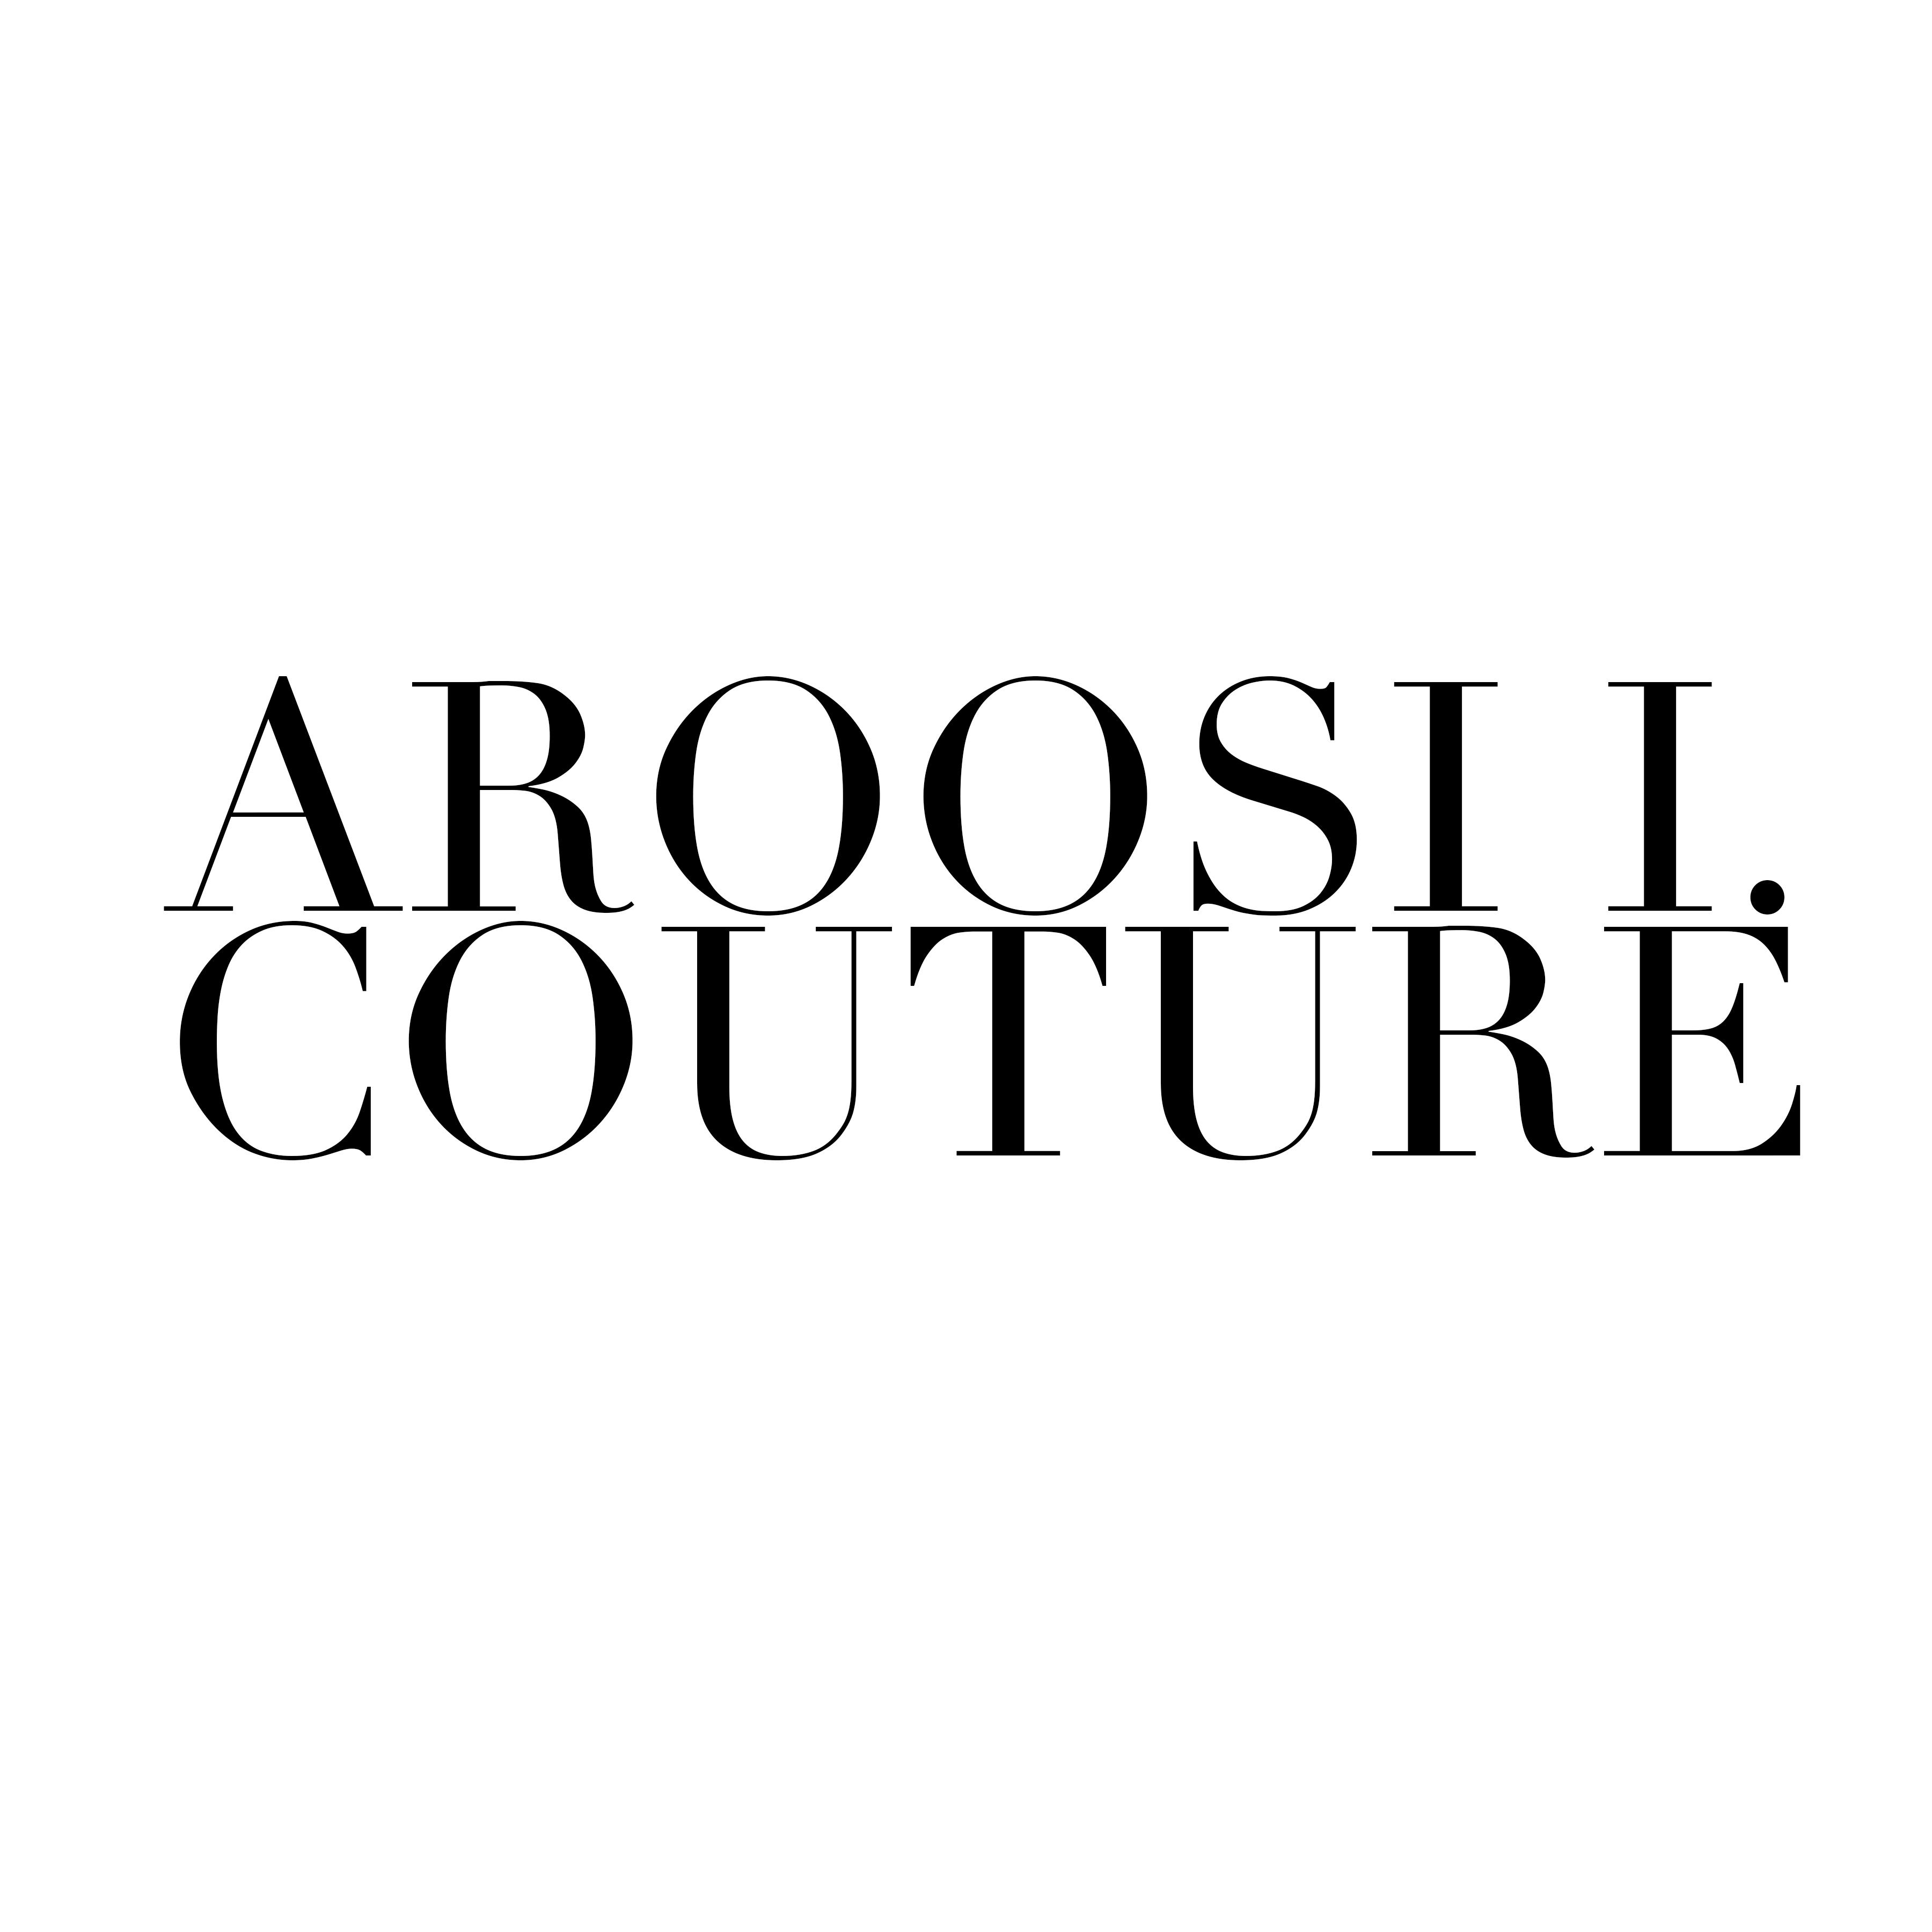 Aroosi I. Couture